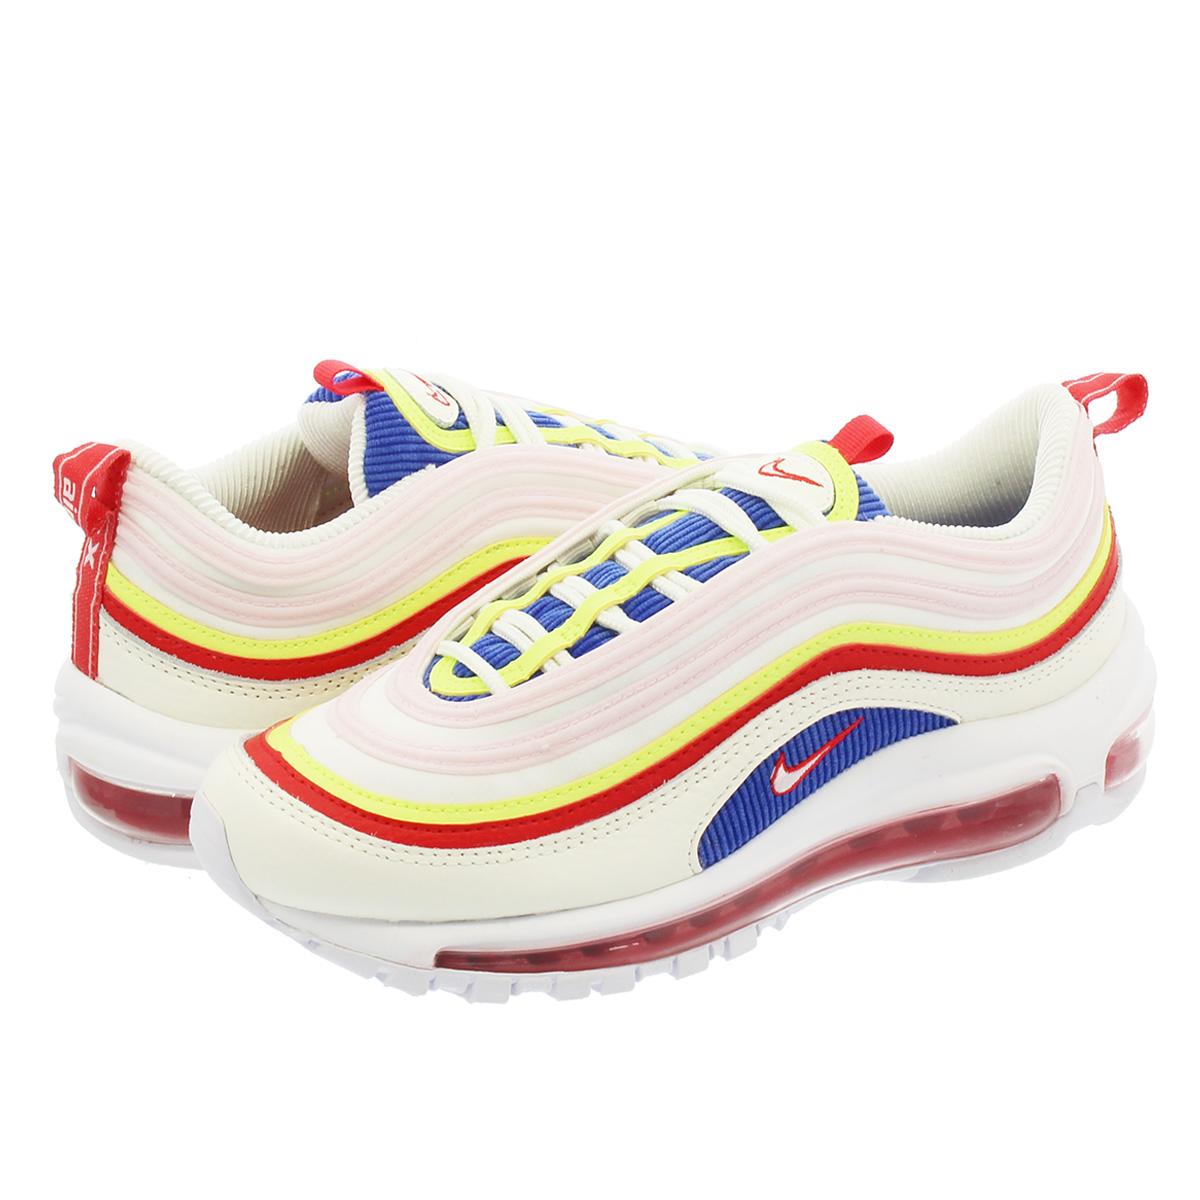 f1f4878ec61c90 NIKE WMNS AIR MAX 97 SE Nike women Air Max 97 SE SAIL ARCTIC PINK VOLT GLOW